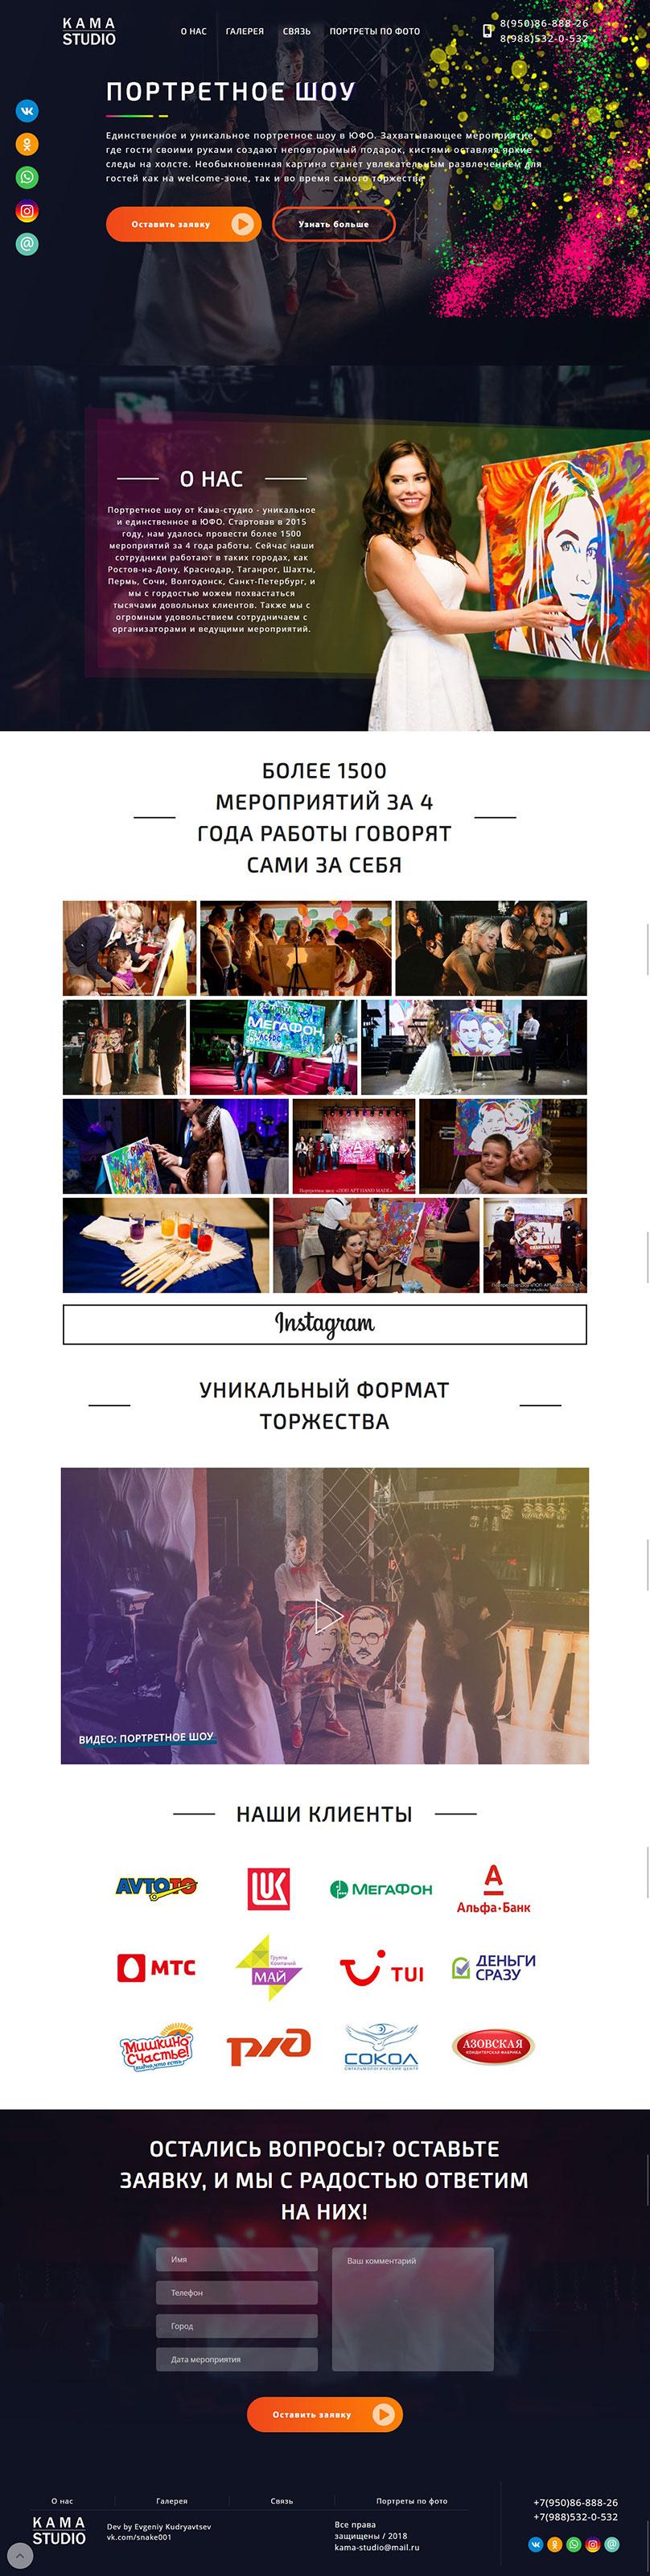 Посадочная страница проекта портретноешоу.рф